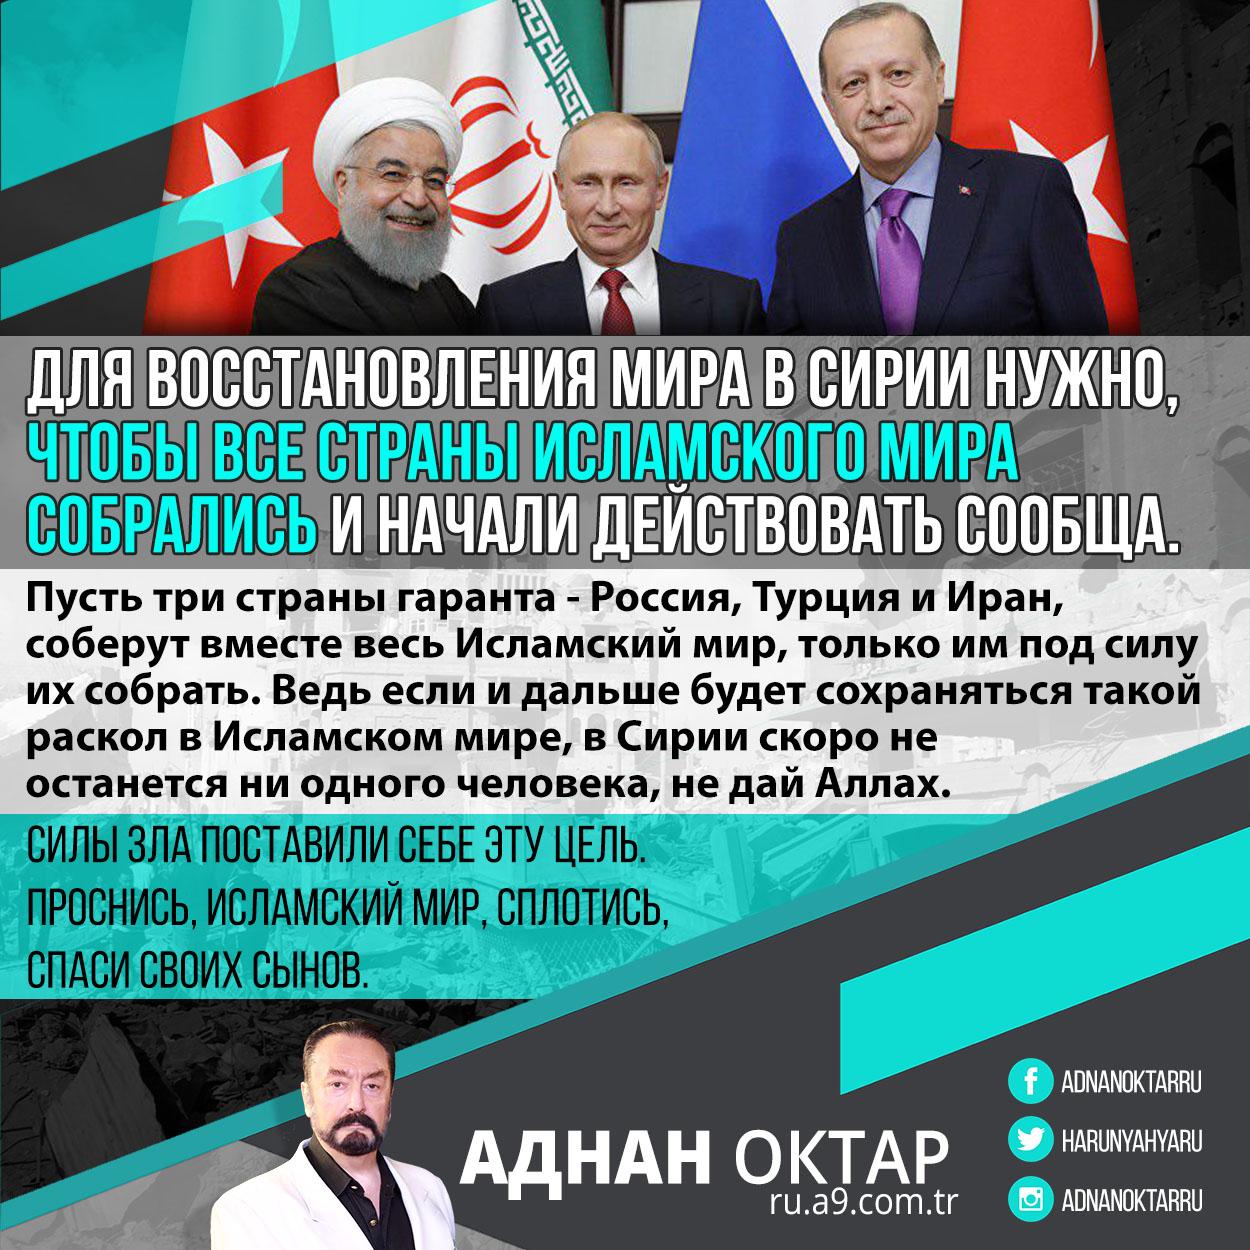 """<table style=""""width: 100%;""""><tr><td style=""""vertical-align: middle;"""">Для восстановления мира в Сирии нужно, чтобы все страны Исламского мира собрались и начали действовать сообща. Пусть три страны гаранта - Россия, Турция и Иран, соберут вместе весь Исламский мир, только им под силу их собрать. Ведь если и дальше будет сохраняться такой раскол в Исламском мире, в Сирии скоро не останется ни одного человека, не дай Аллах. Силы зла поставили себе эту цель. Проснись, Исламский мир, сплотись, спаси своих сынов.</td><td style=""""max-width: 70px;vertical-align: middle;""""> <a href=""""/downloadquote.php?filename=1528965319752.jpg""""><img class=""""hoversaturate"""" height=""""20px"""" src=""""/assets/images/download-iconu.png"""" style=""""width: 48px; height: 48px;"""" title=""""Download Image""""/></a></td></tr></table>"""